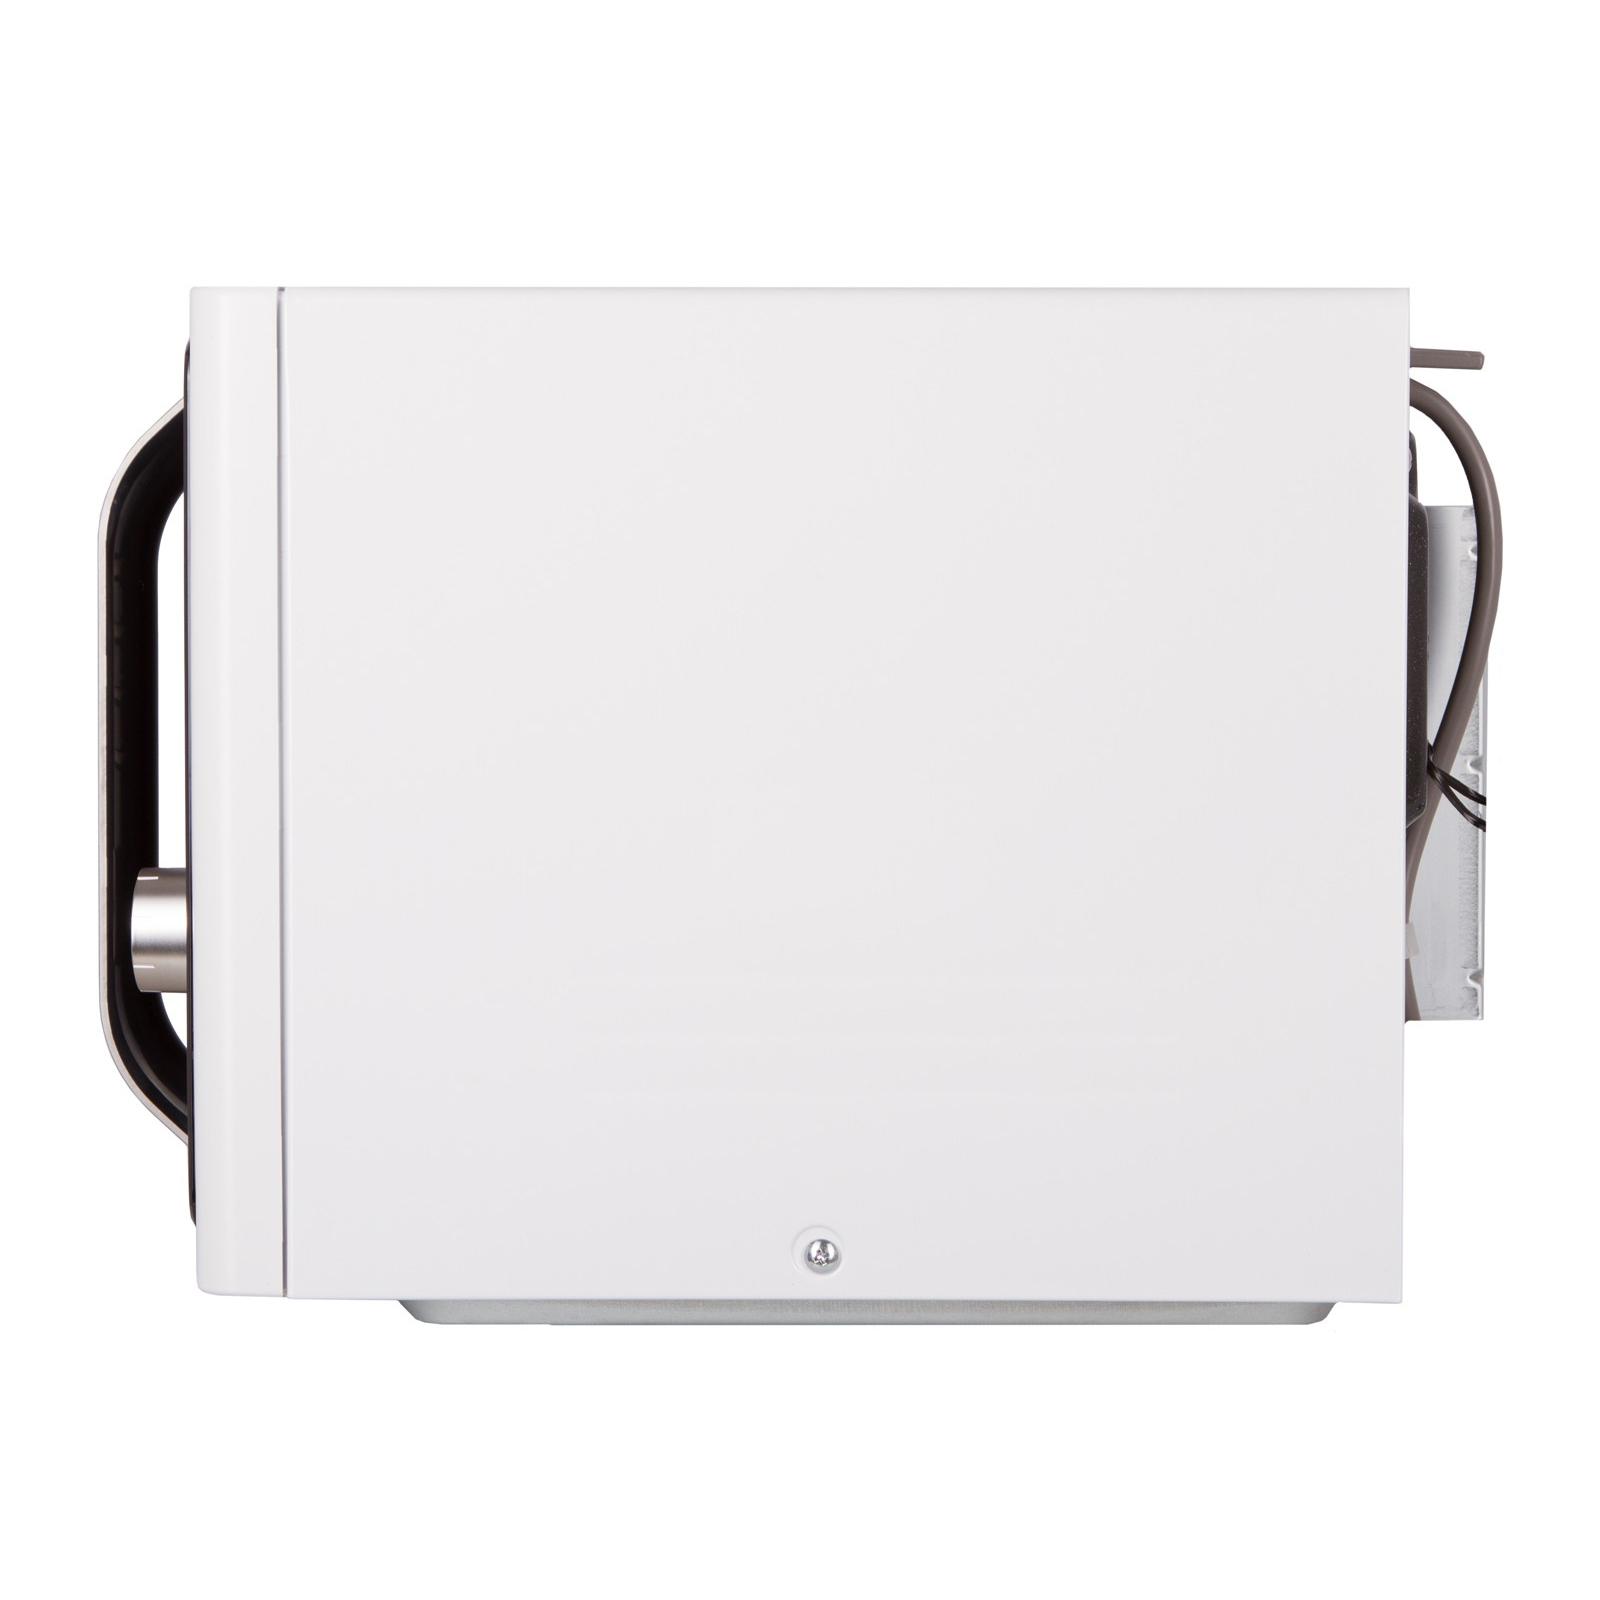 Микроволновая печь Samsung MG23F301TCW/BW изображение 3